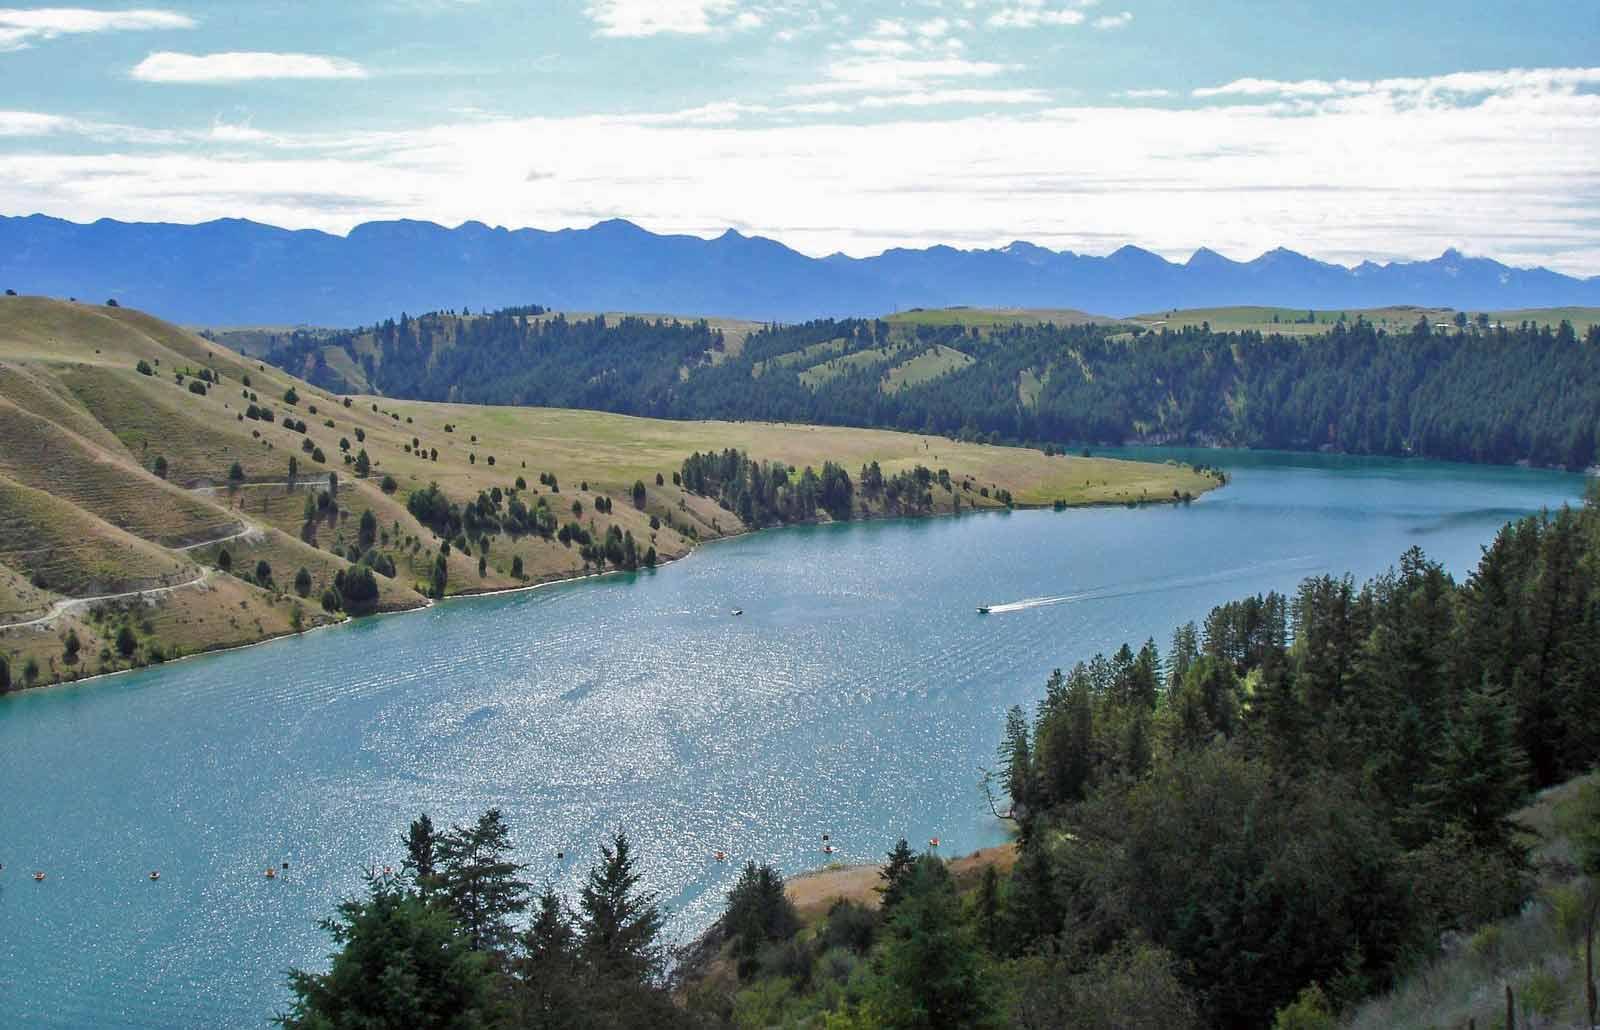 Bild vom Kerr Dam in Montana bei einer Motorradtour durch die Rocky Mountains